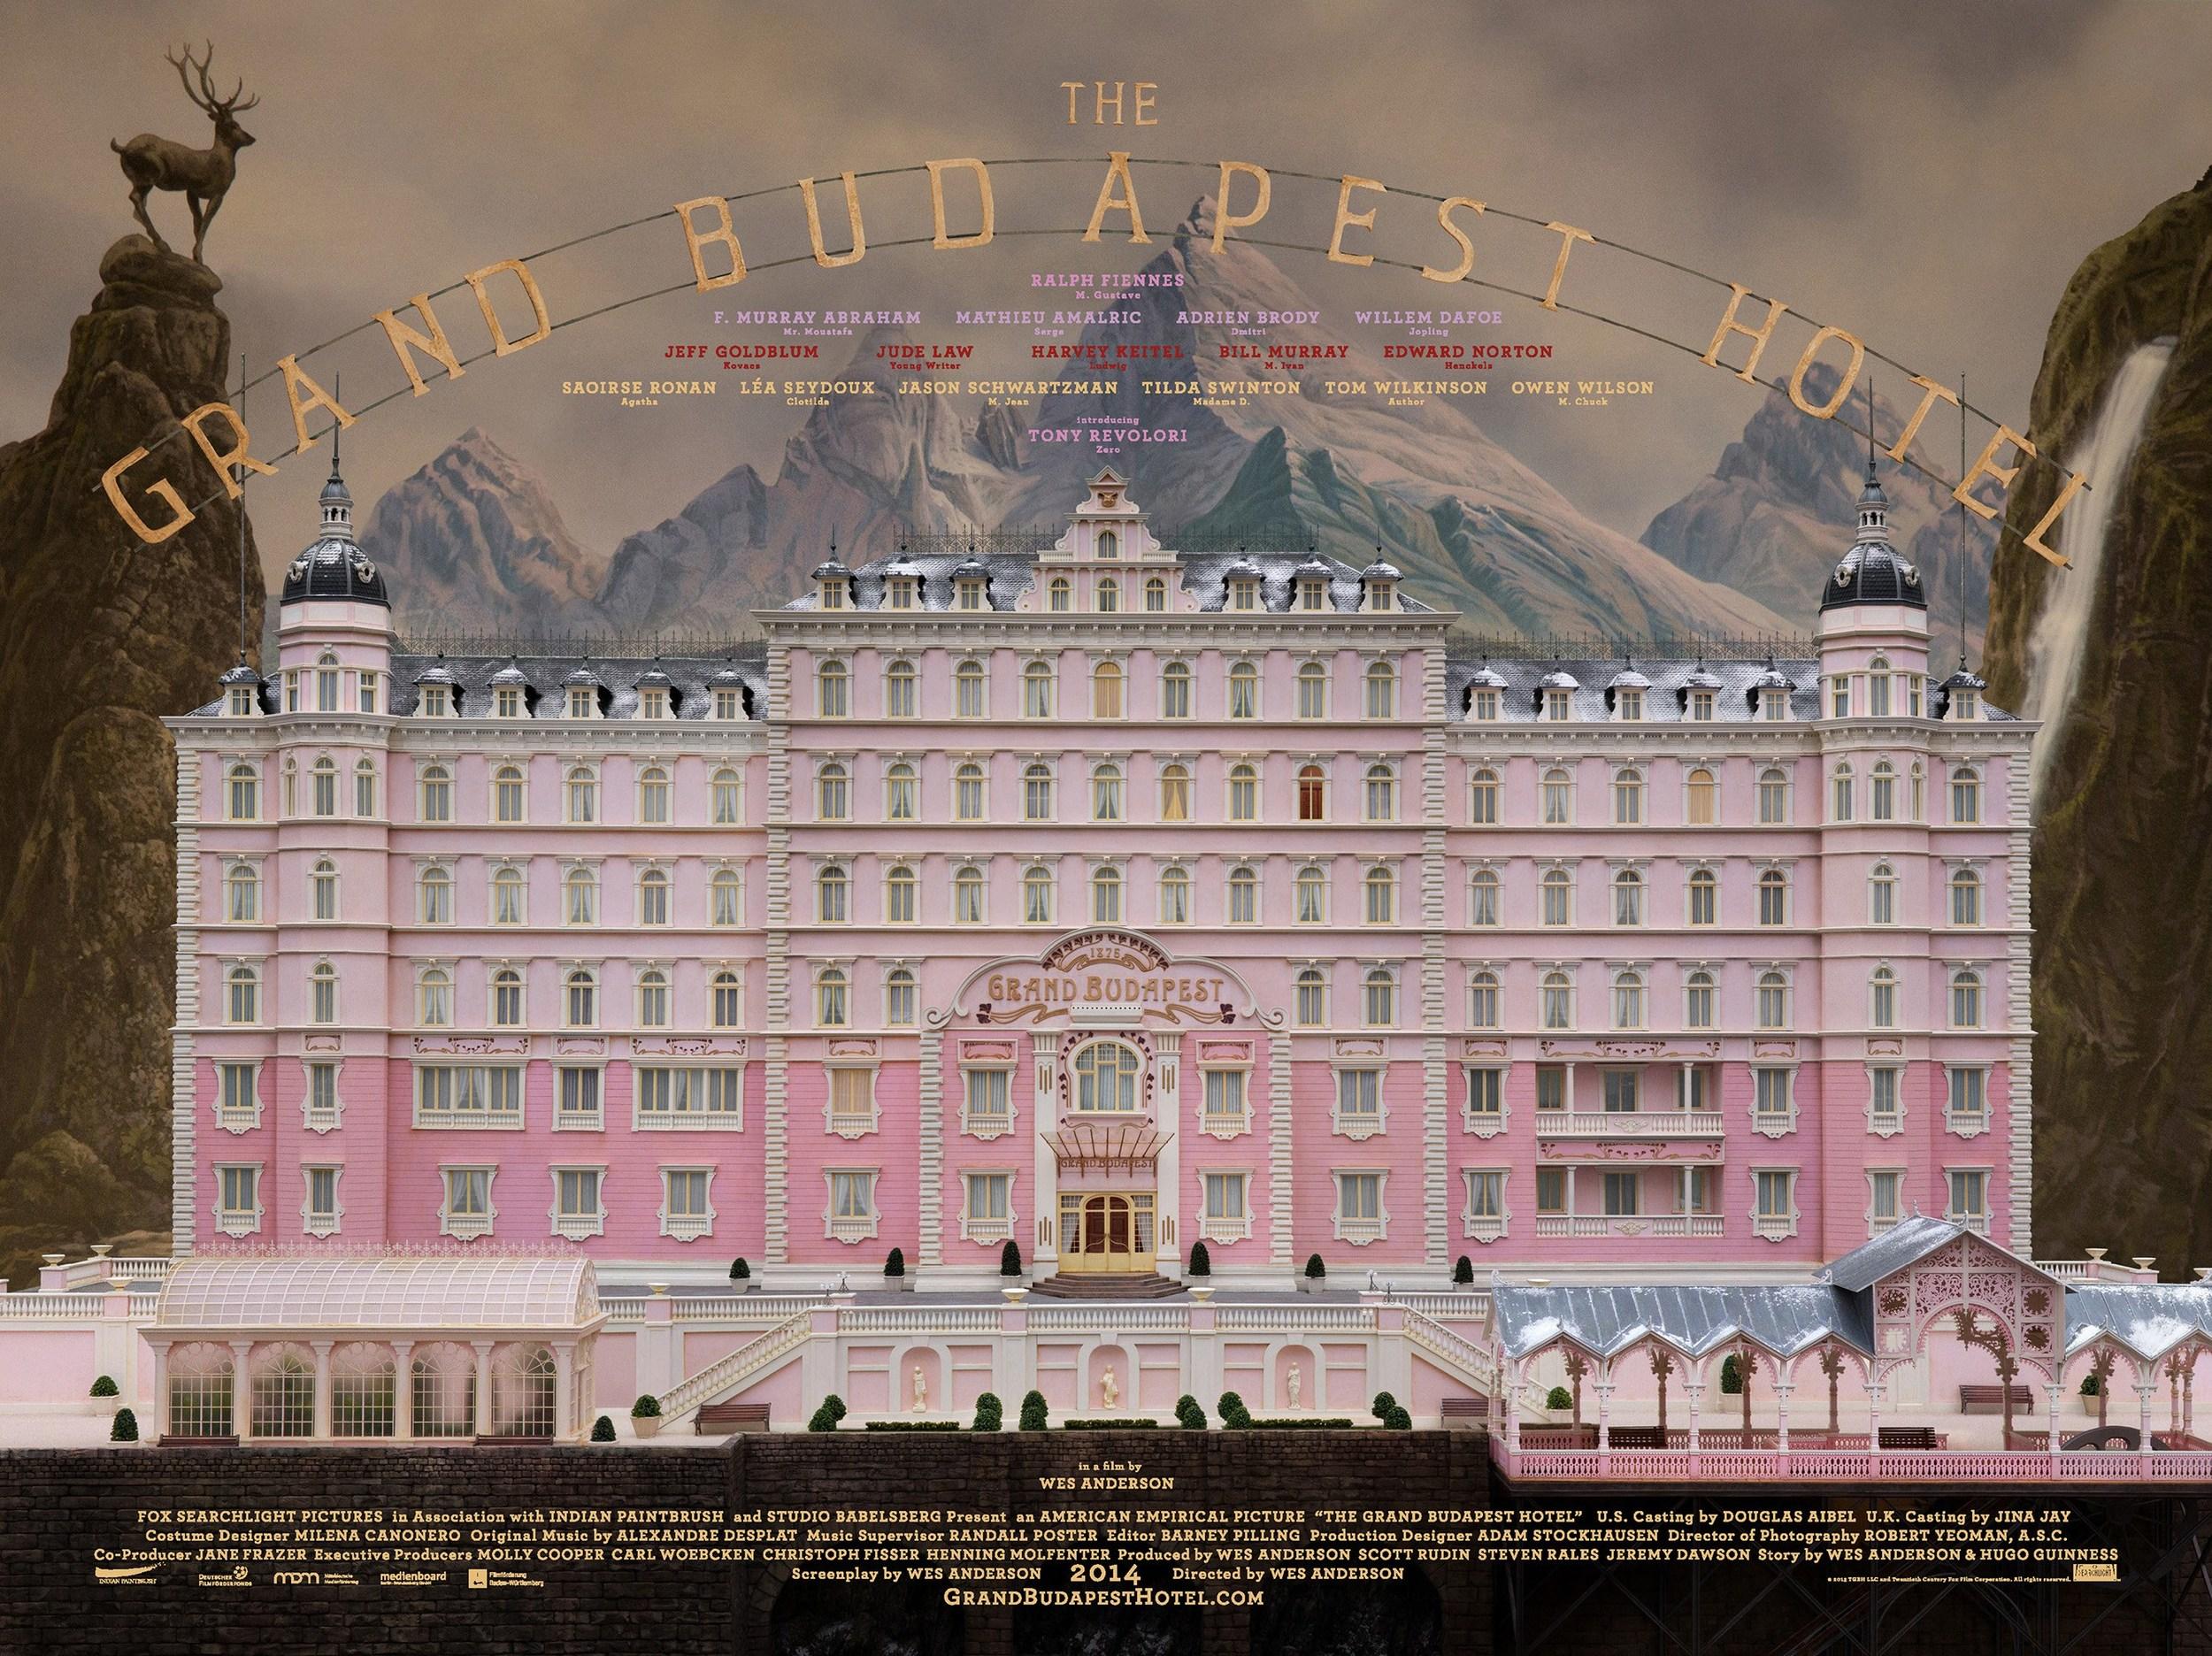 The-Grand-Budapest-Hotel-UK-Quad-Poster.jpg